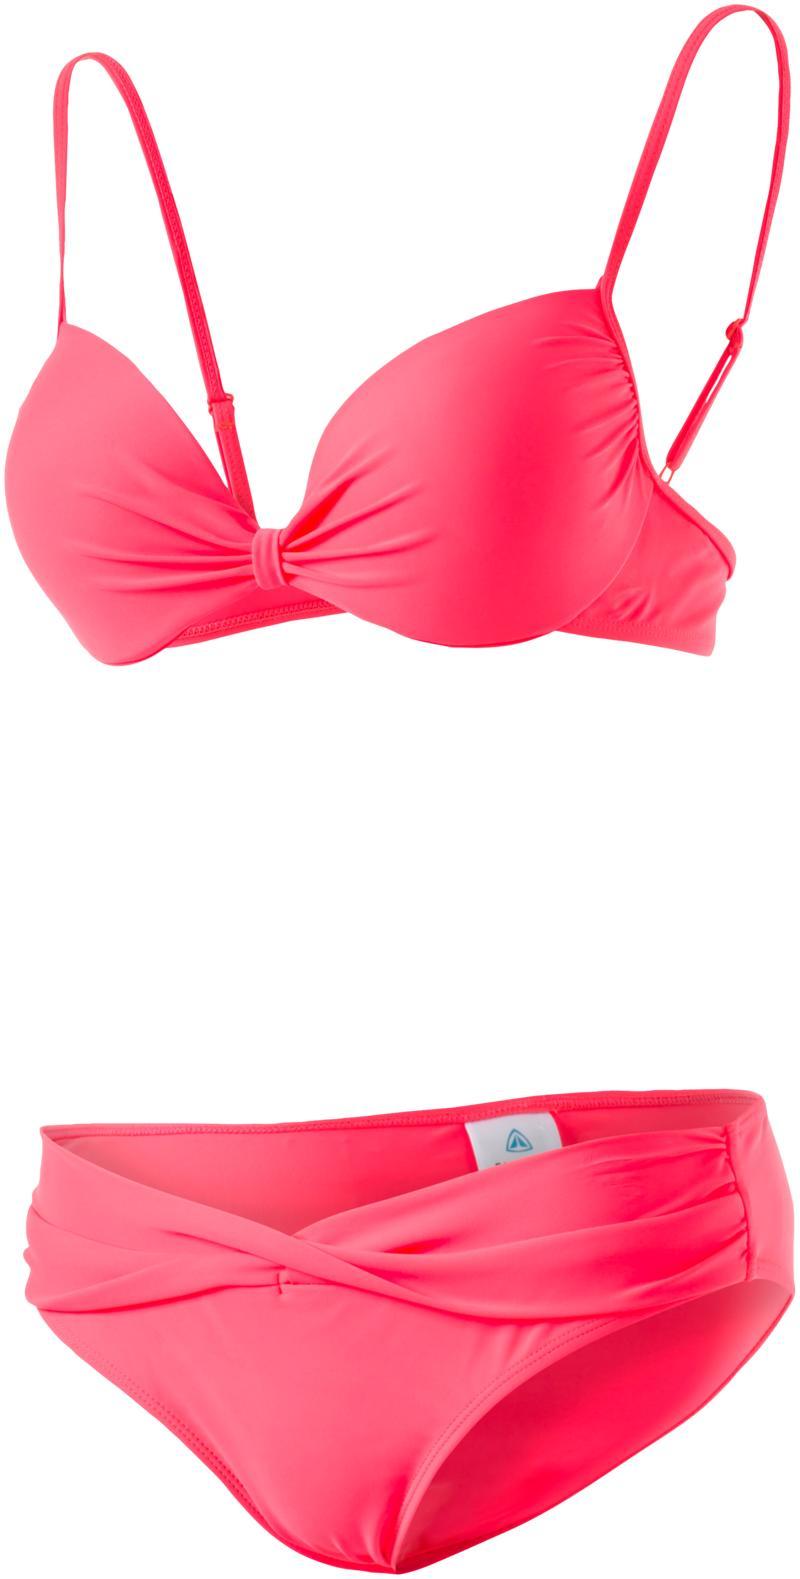 Firefly TORIA WMS, ženski kupaći, pink